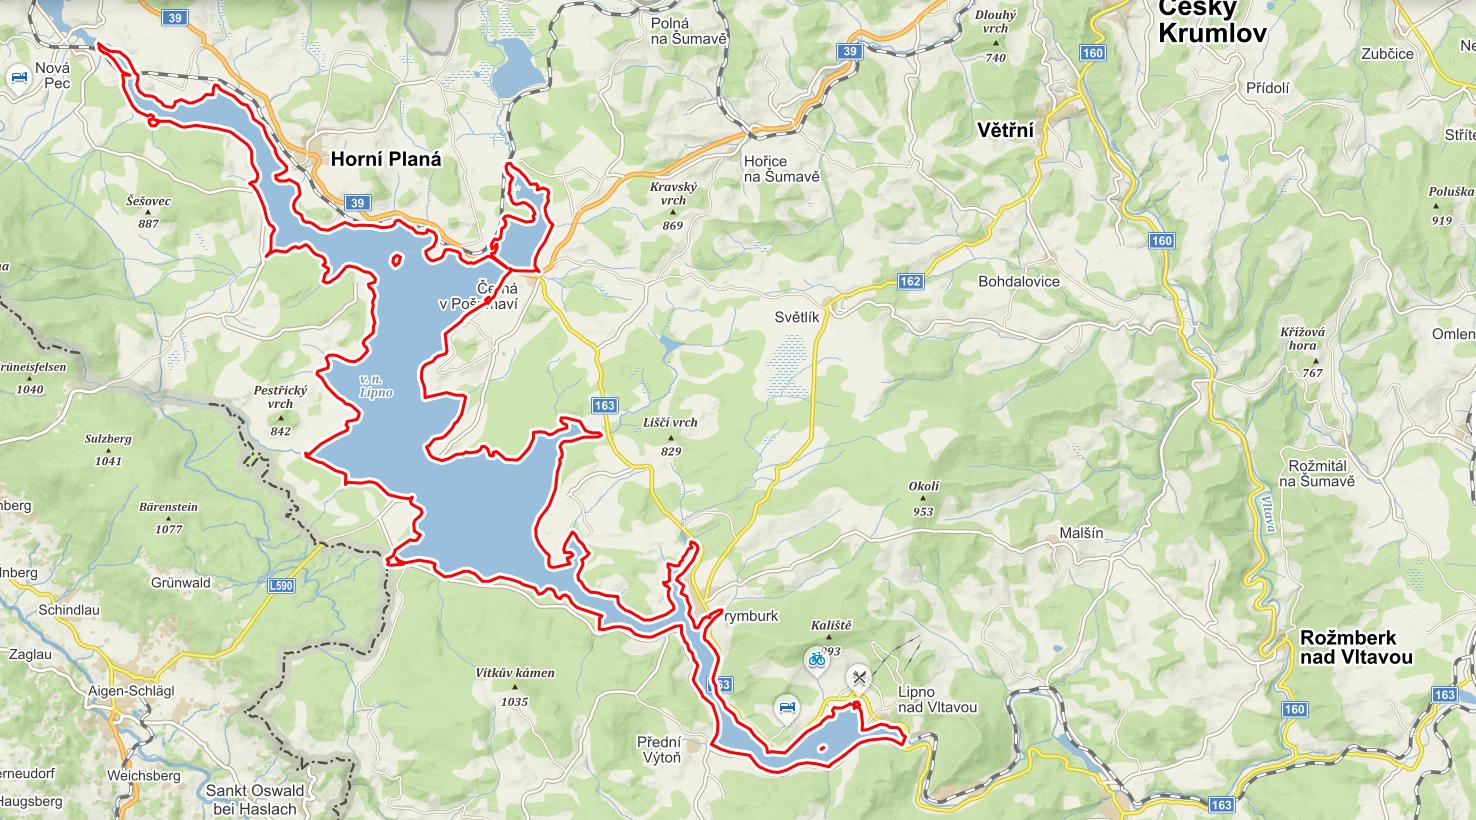 https://www.kempy-chaty.cz/sites/default/files/turistika/mapa_vodni_nadrz_lipno.png